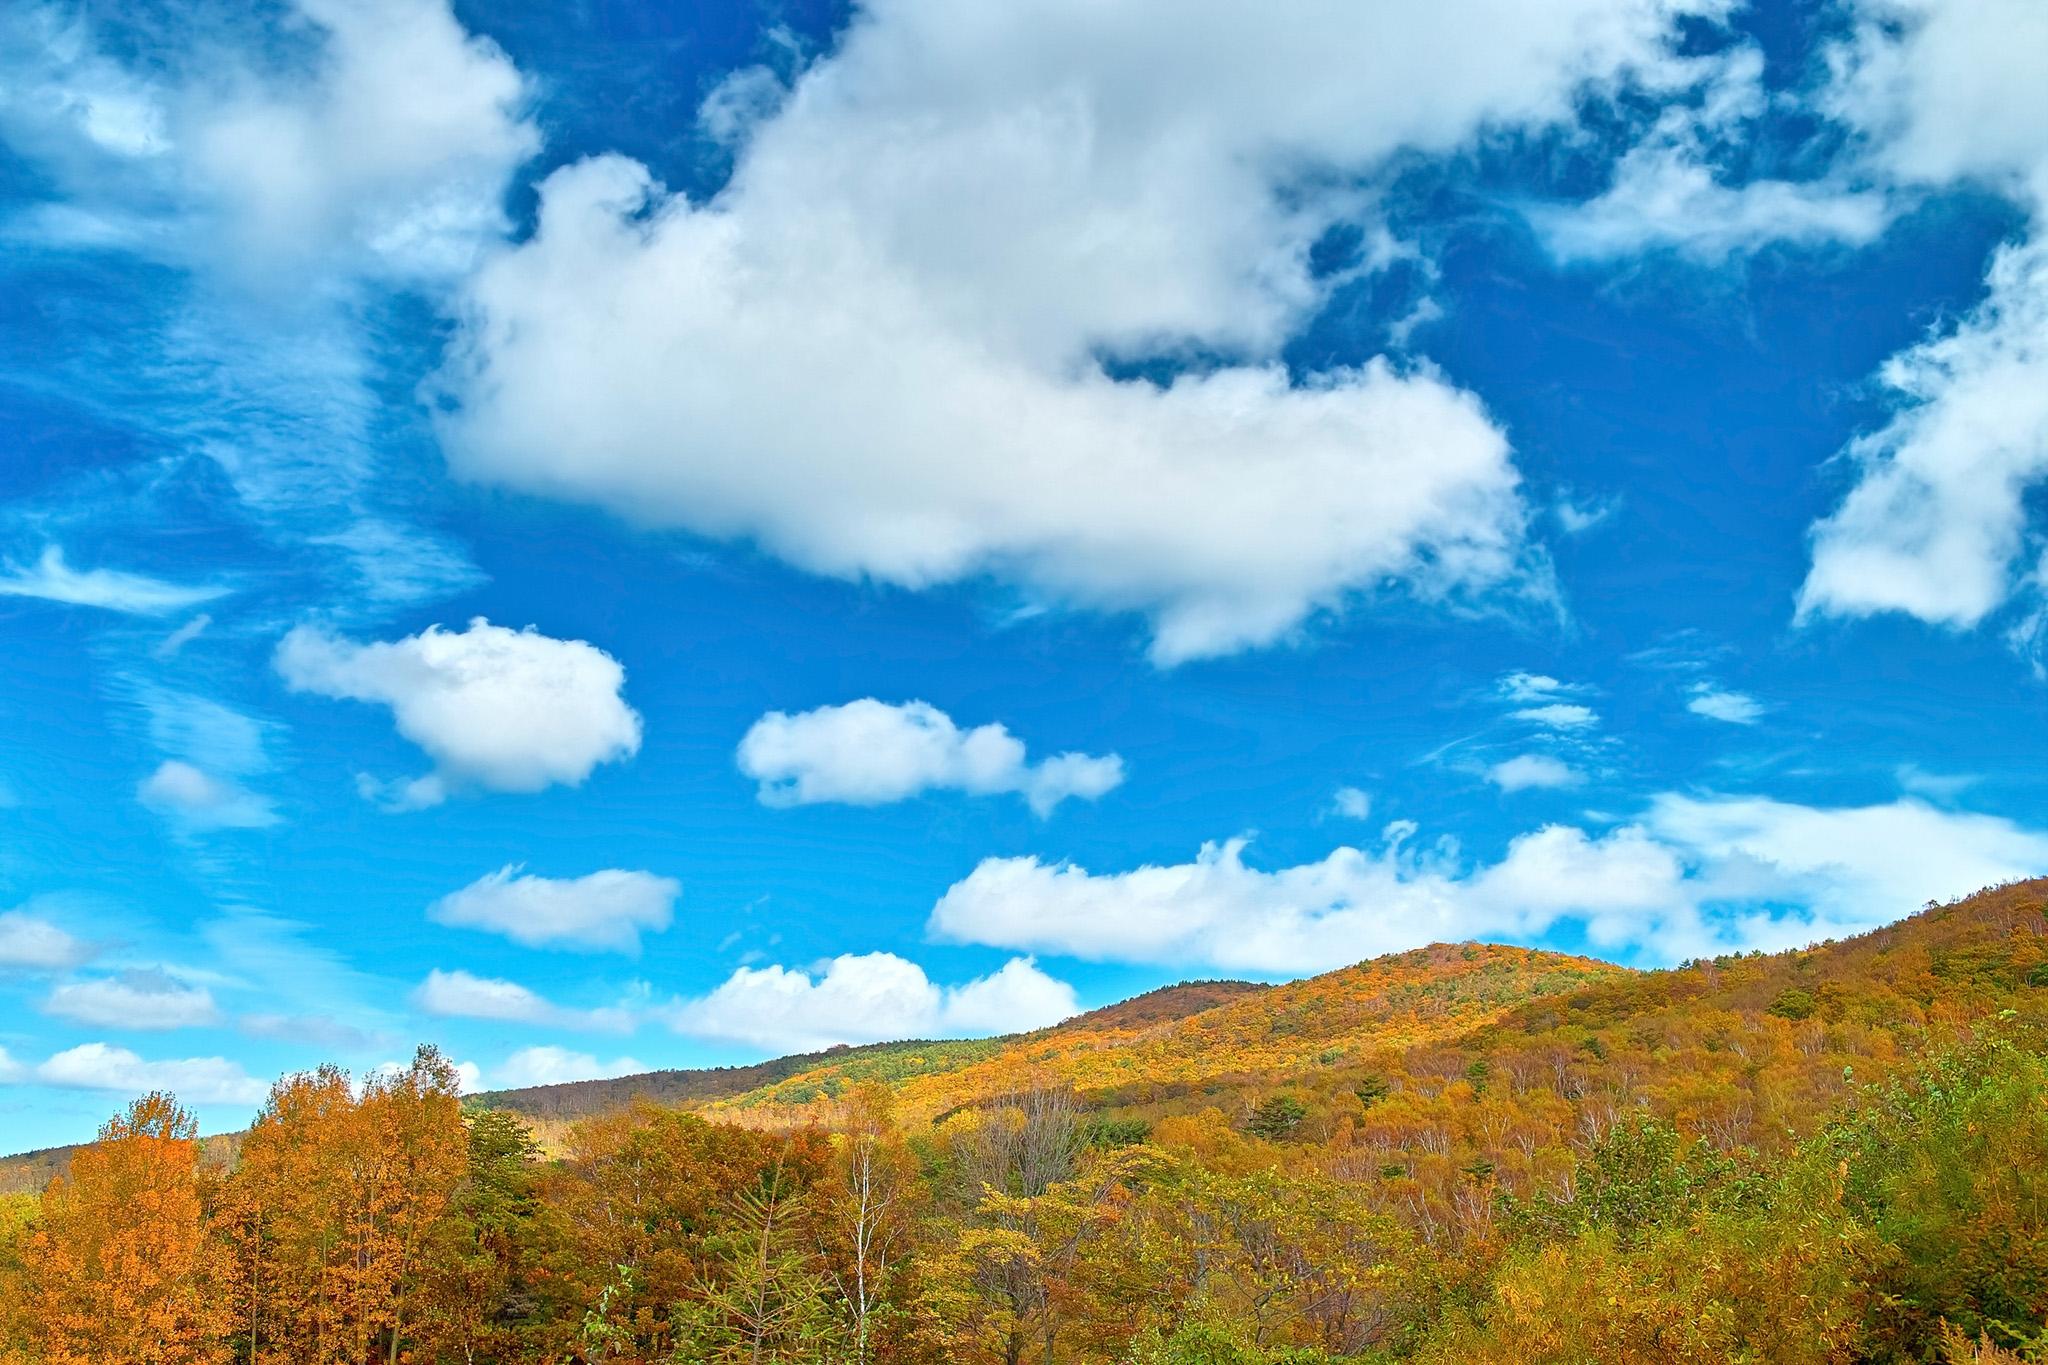 「穏やかな秋の日の黄色い山」の画像を無料ダウンロード